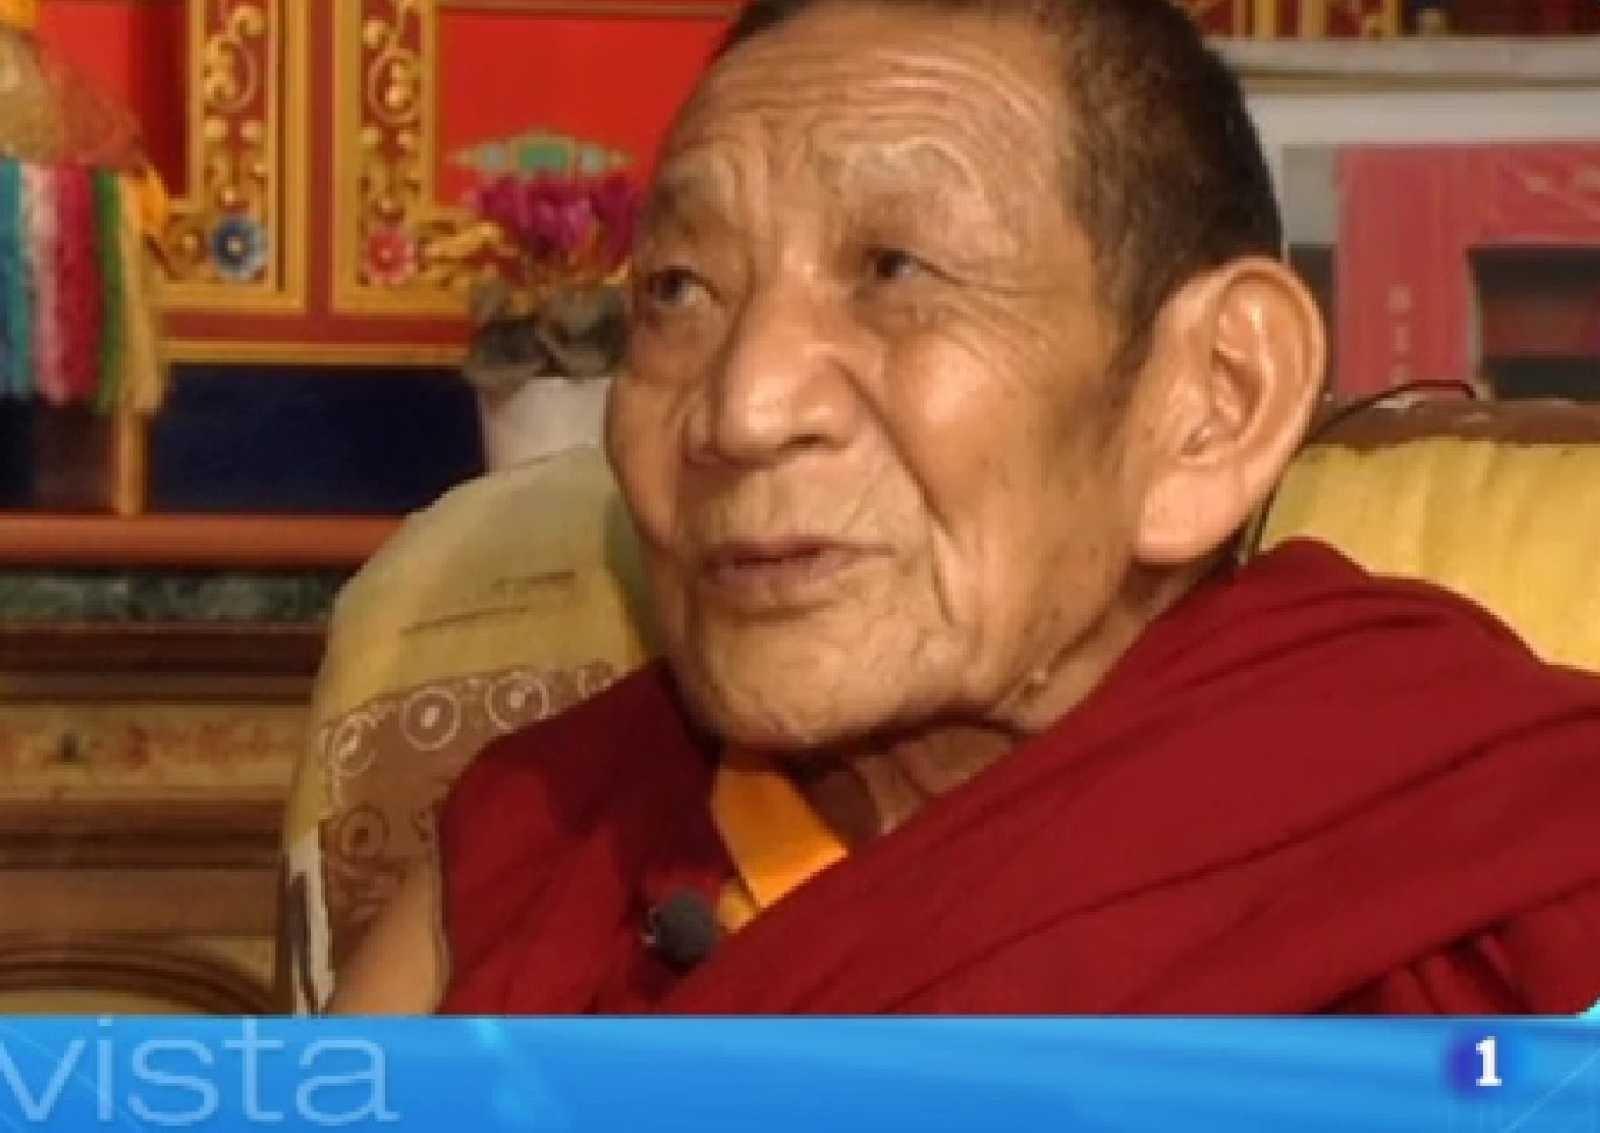 L'Entrevista de l'Informatiu Cap de Setmana:  Lama Monlam, de la casa del Tibet de Barcelona - 01/10/2016